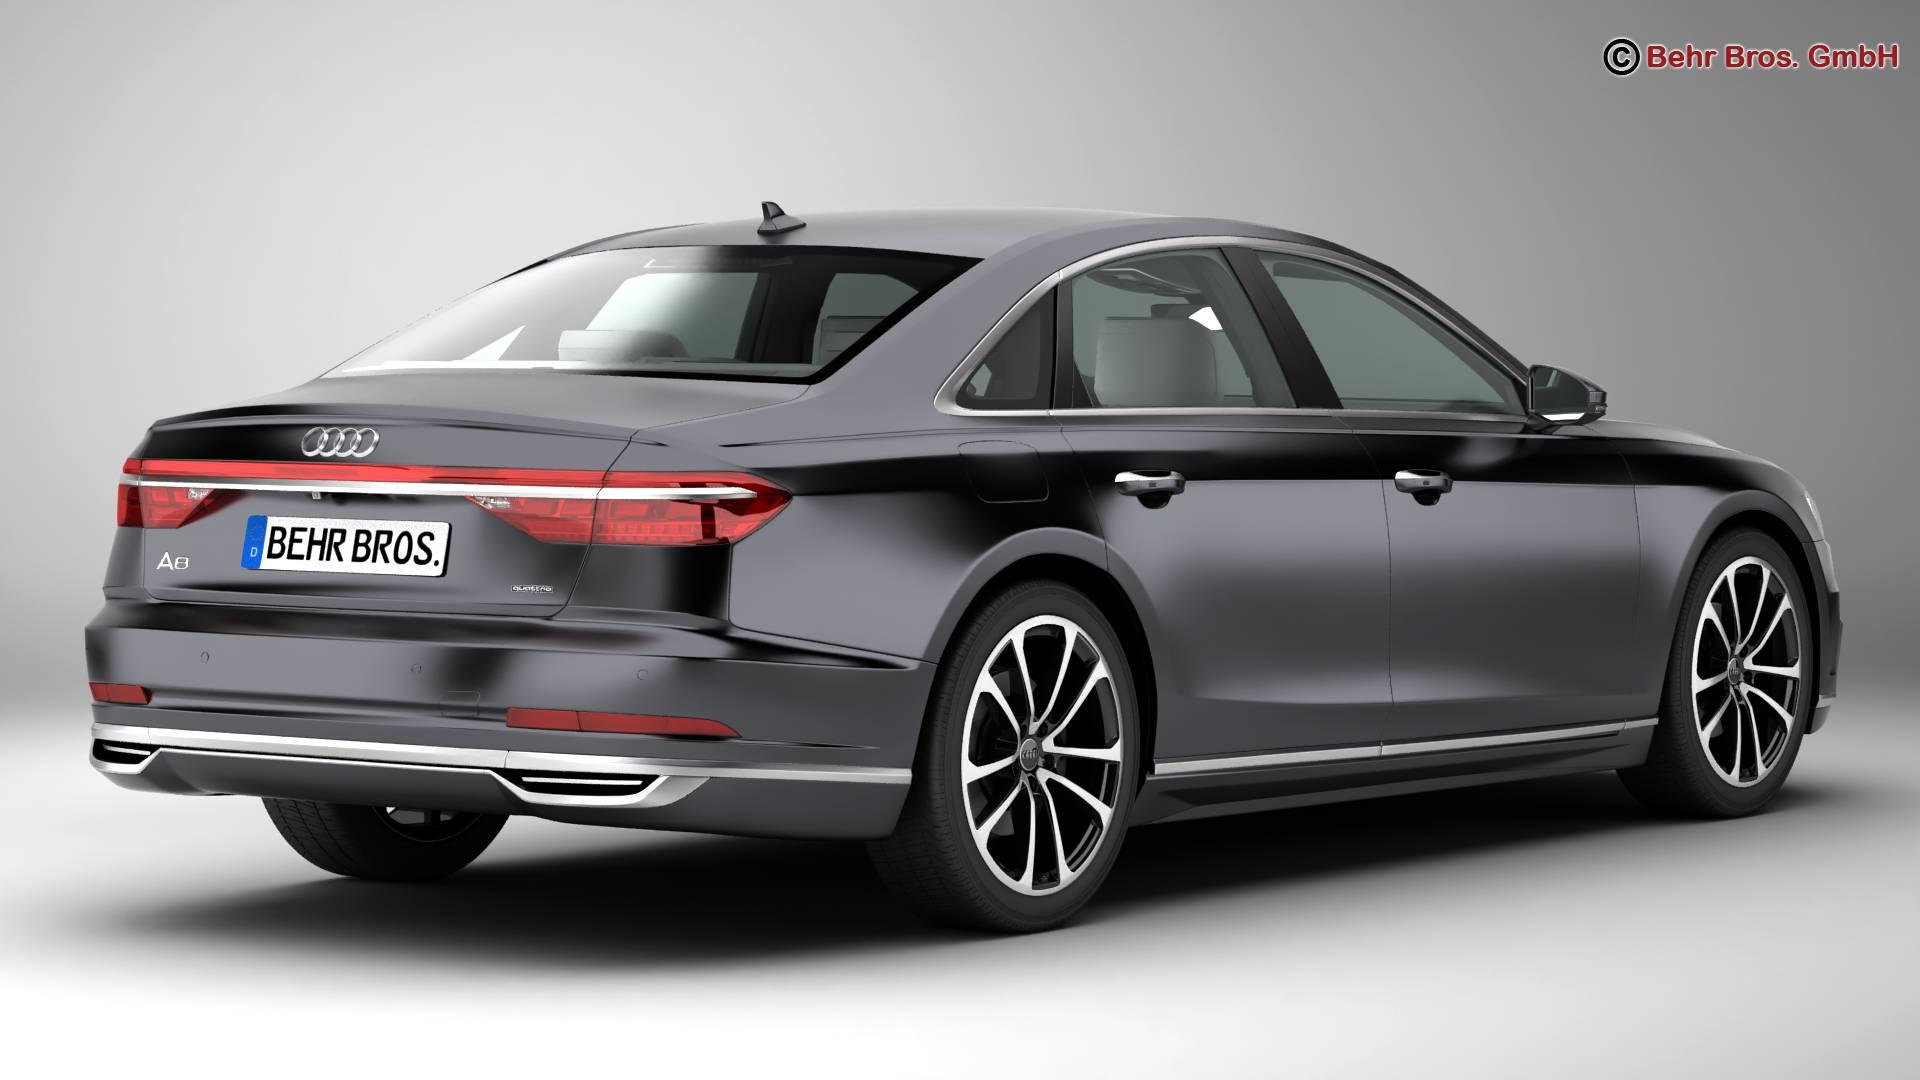 Audi A8 2018 3d Model Buy Audi A8 2018 3d Model